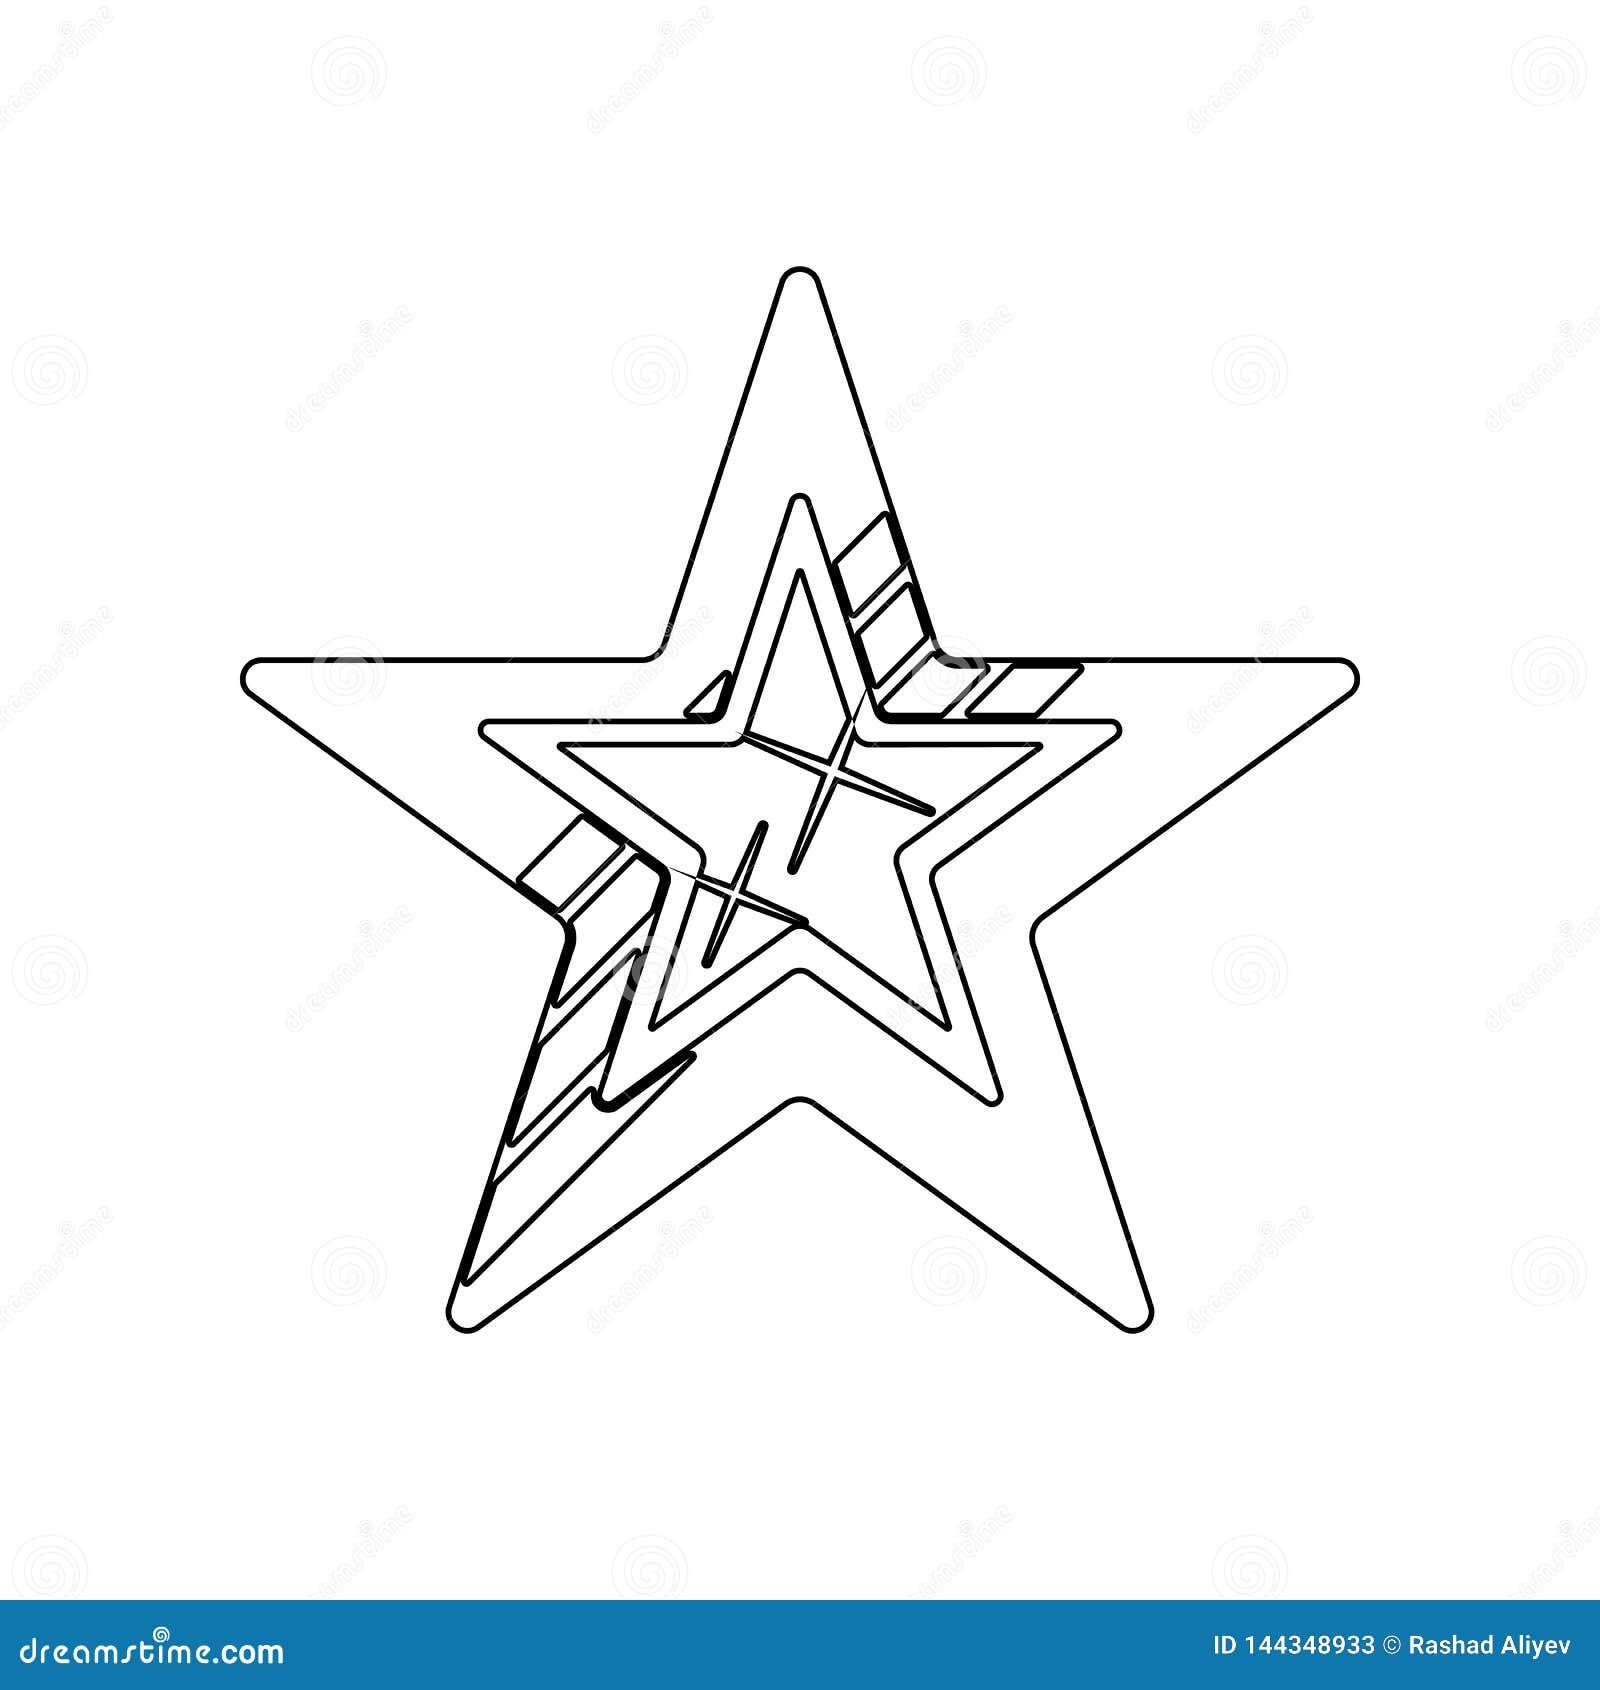 F?nf-spitze Sternikone Element von Sternen f?r bewegliches Konzept und Netz Appsikone Entwurf, d?nne Linie Ikone f?r Websiteentwu